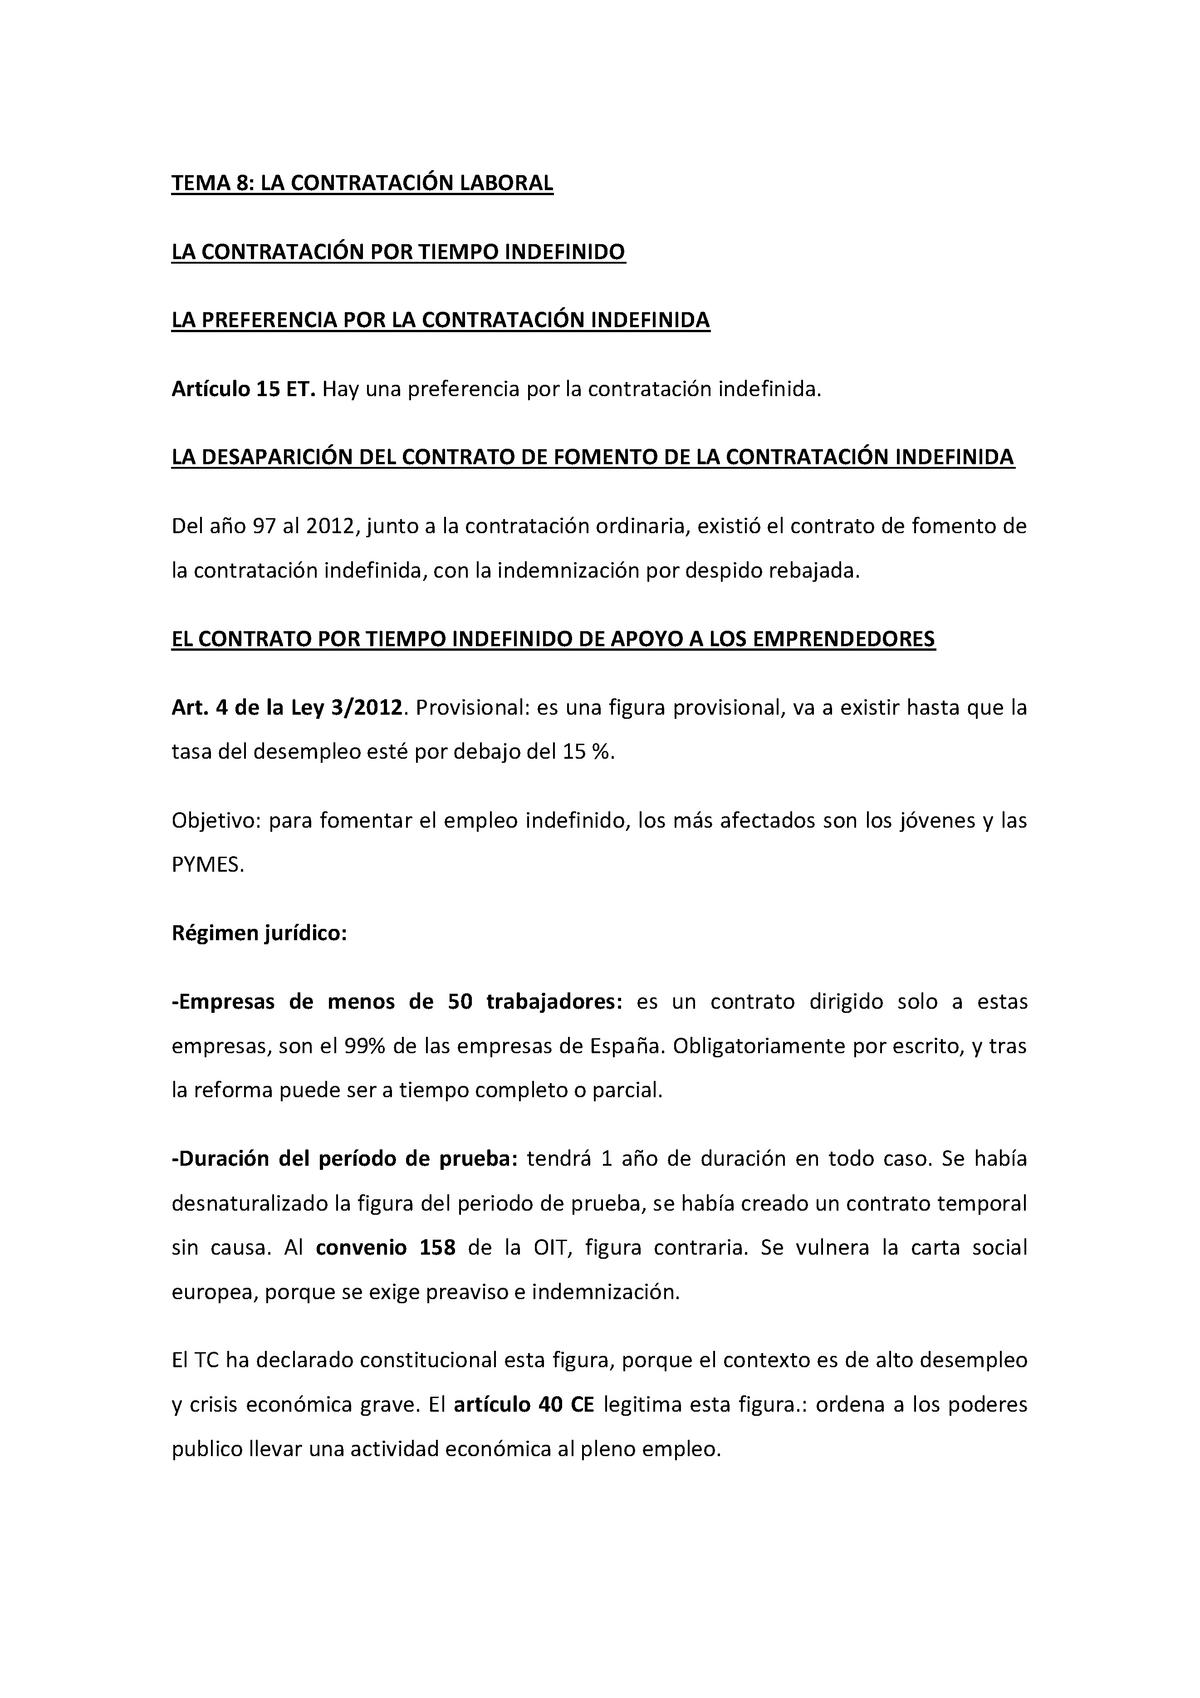 Tema 8 Apuntes 8 Derecho Laboral Uv Studocu